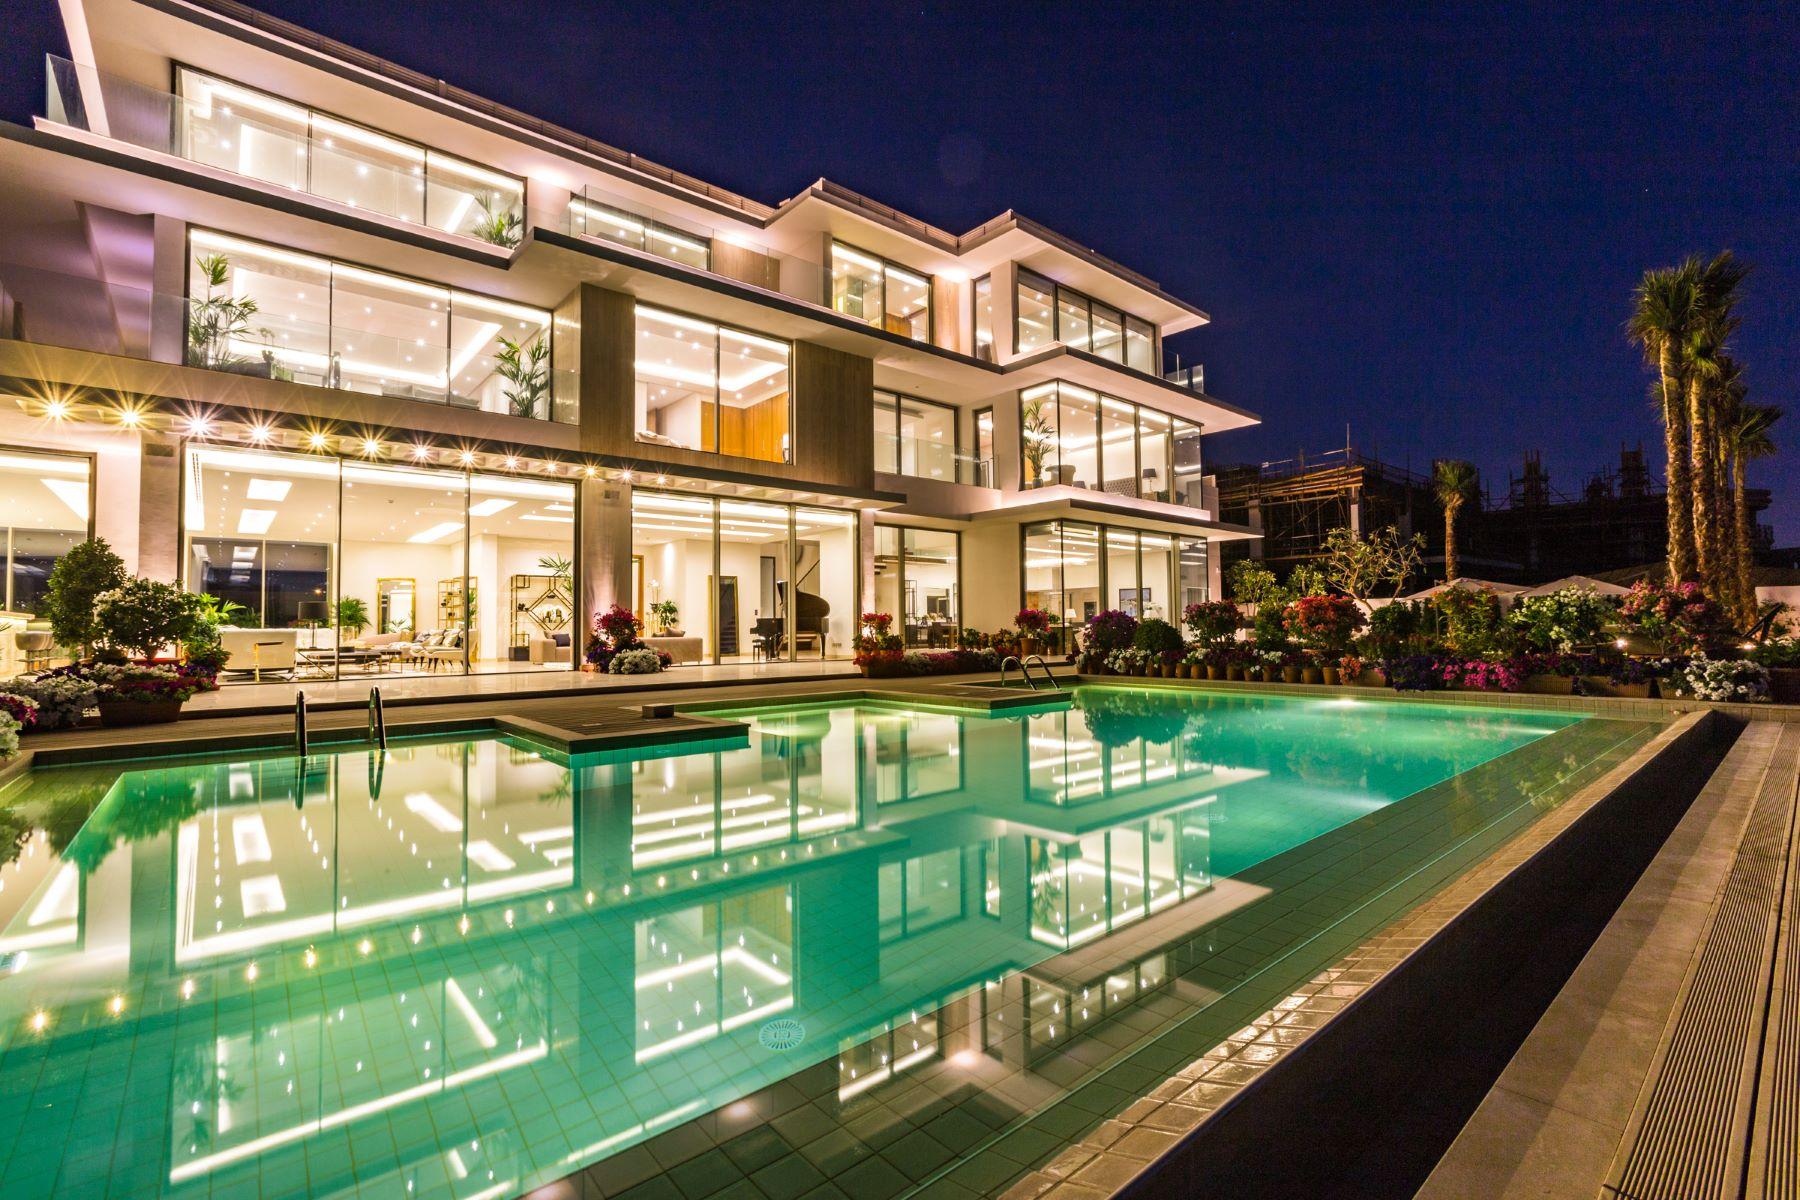 Частный односемейный дом для того Продажа на Bespoke Contemporary Villa Dubai, Объединенные Арабские Эмираты